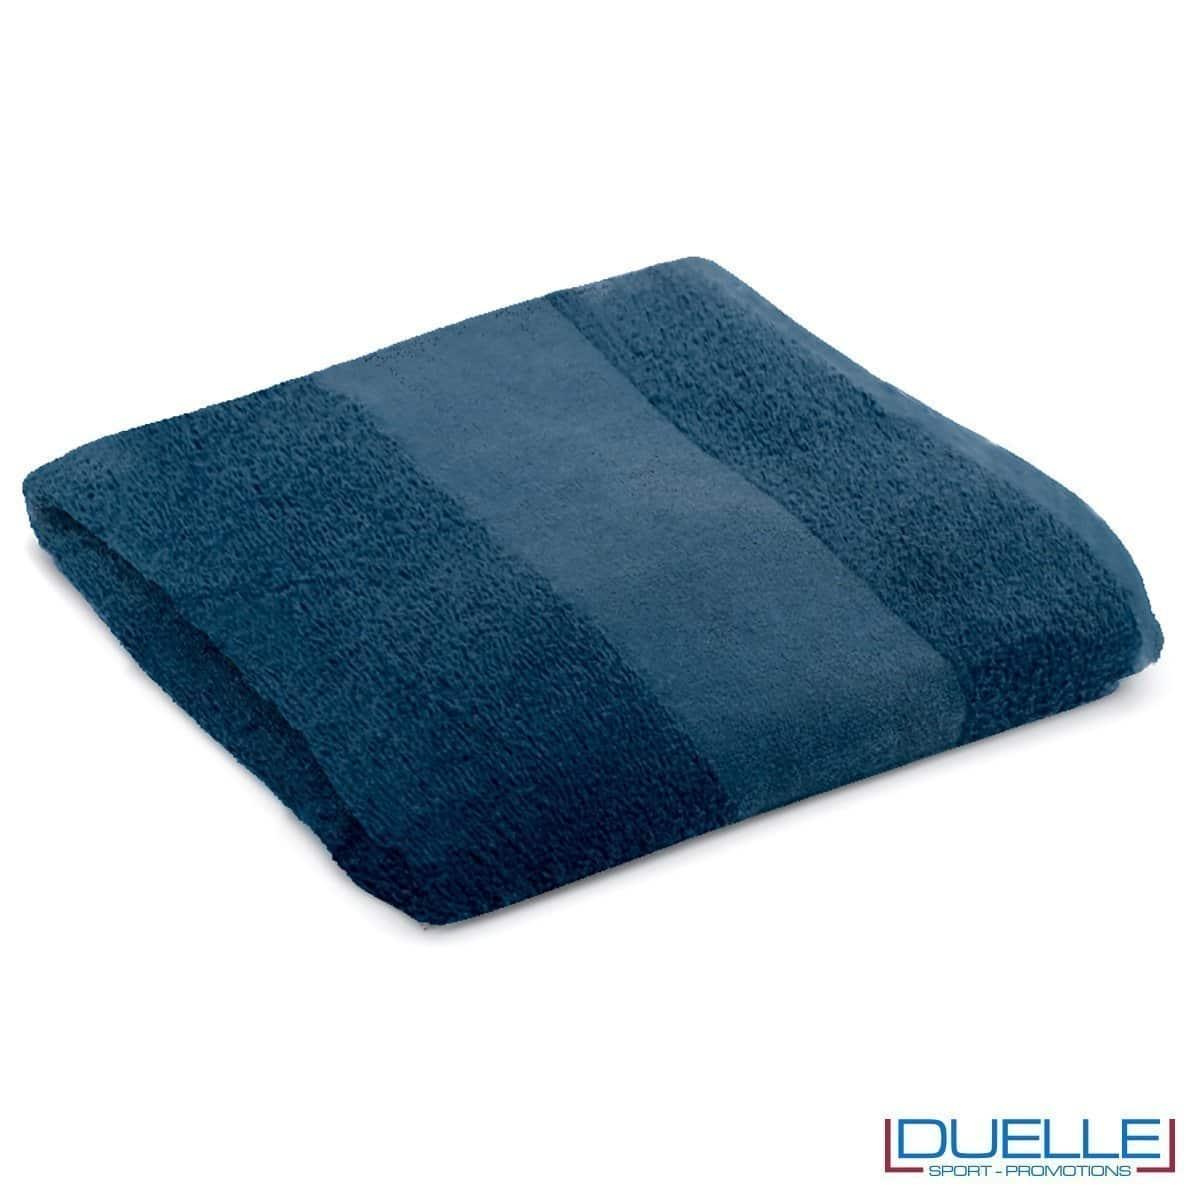 telo personalizzato mare cotone blu navy, gadget mare, gadget estate, gadget promozionali 100% cotone